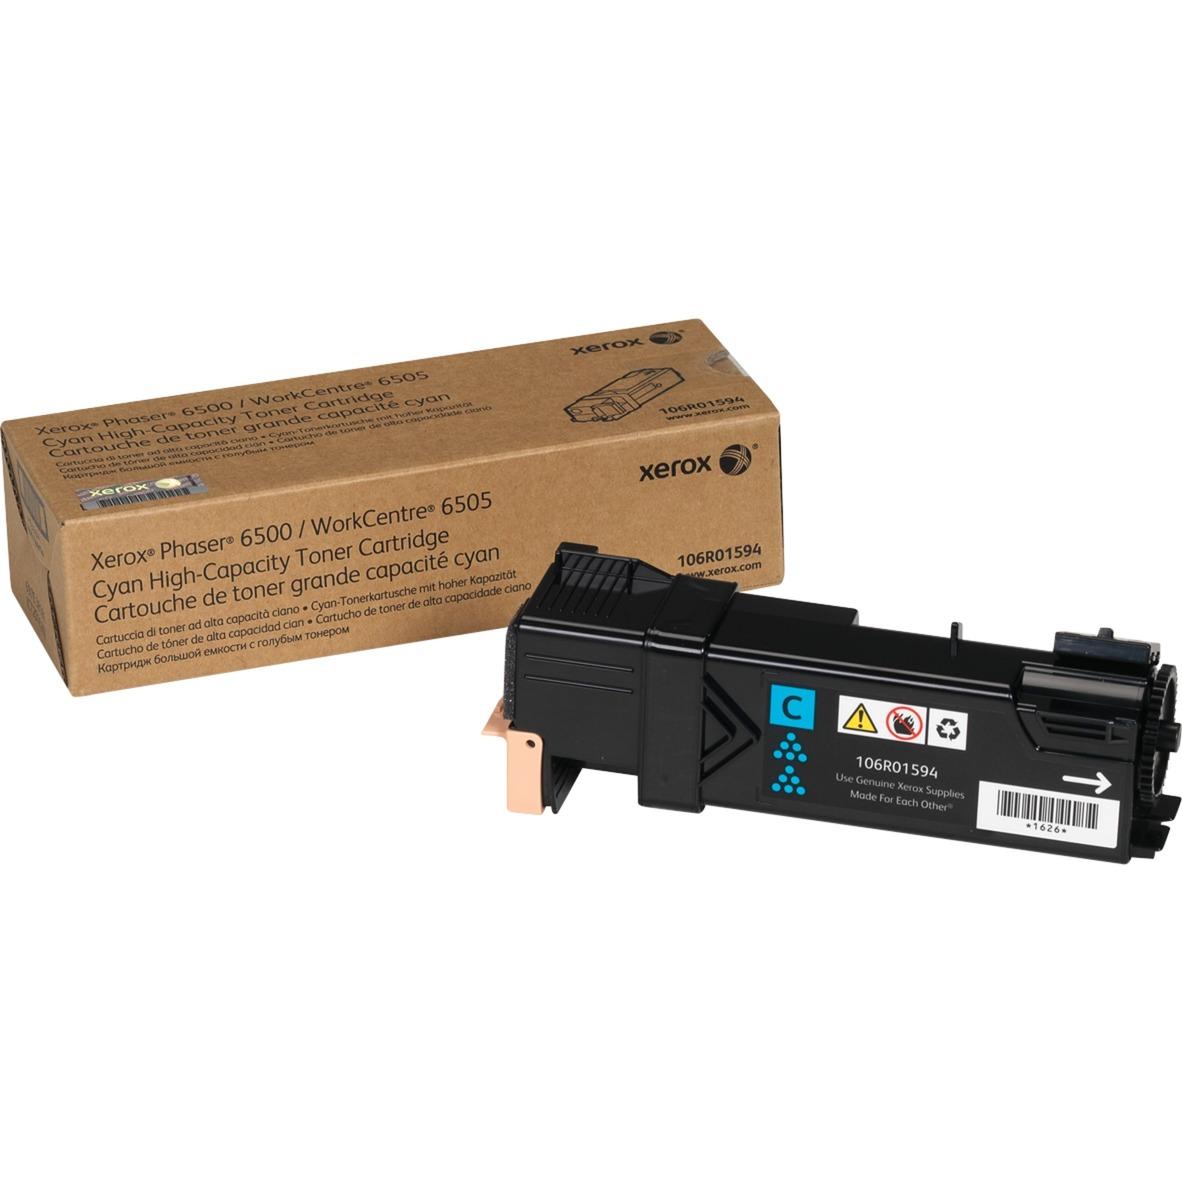 Phaser 6500/Wc 6505, Cartucho De Tóner Cián De Gran Capacidad (2.500 Páginas)